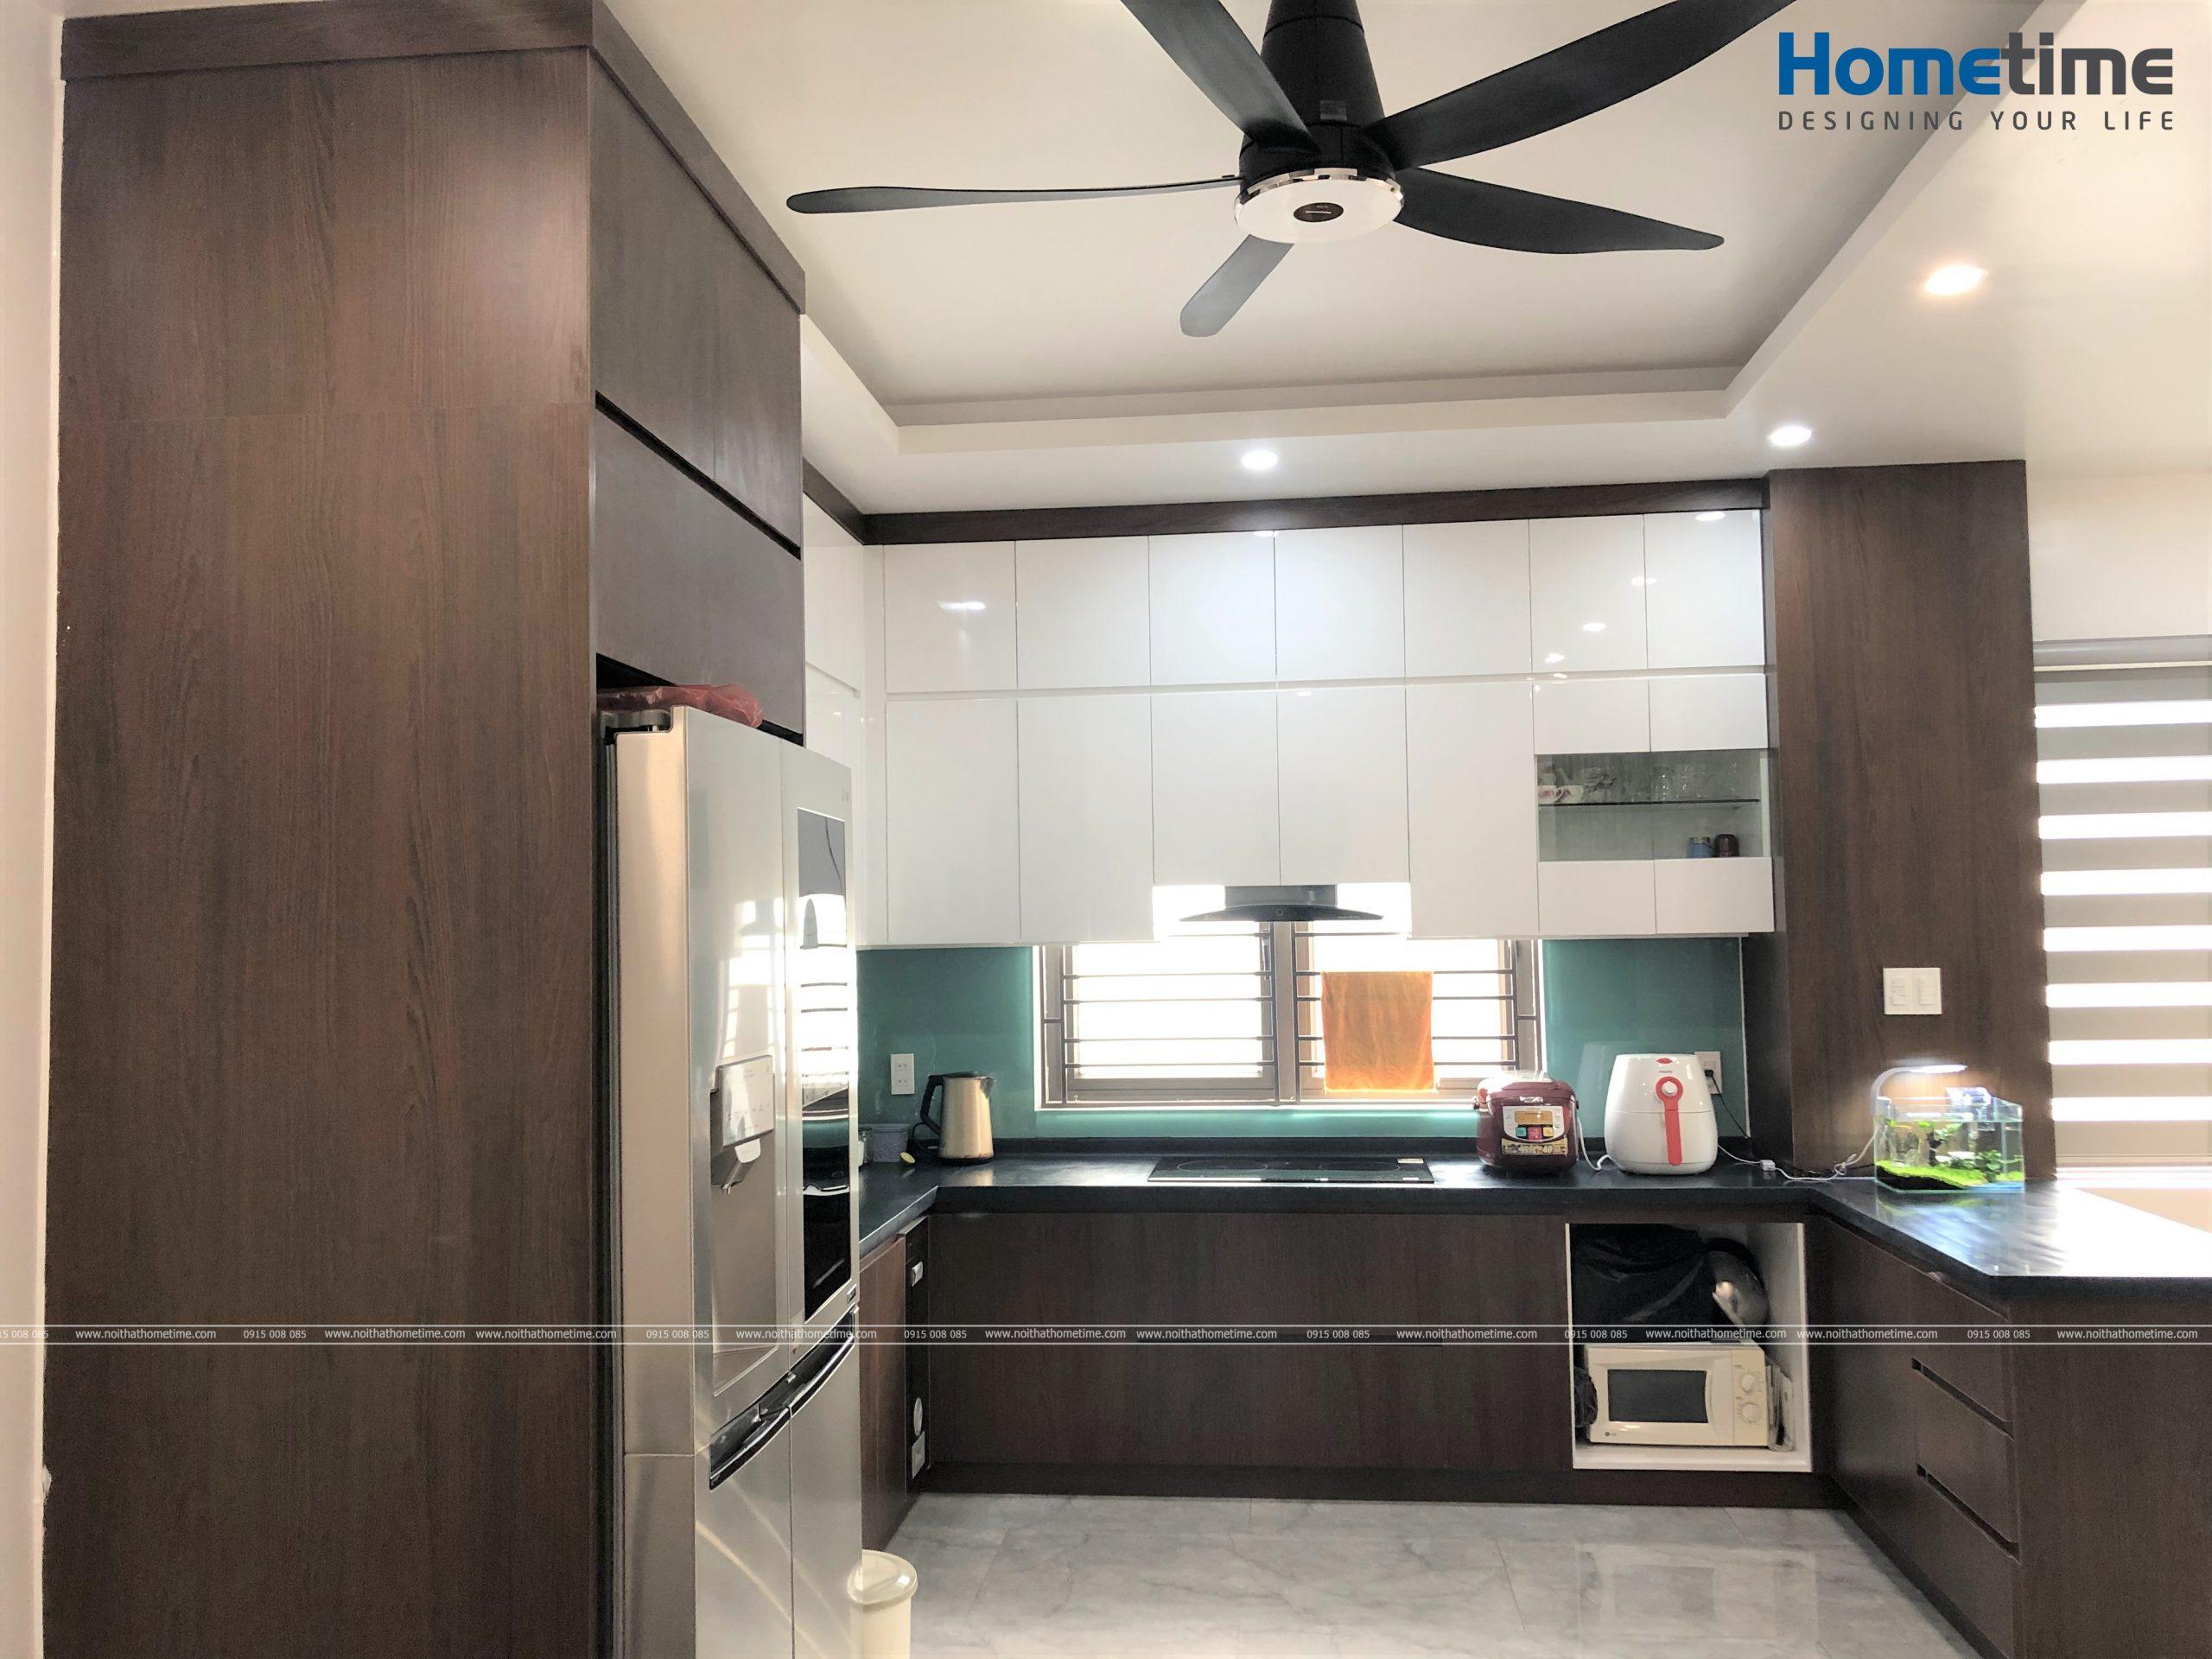 Thiết kế tủ bếp đẹp với những công năng sử dụng tiện nghi